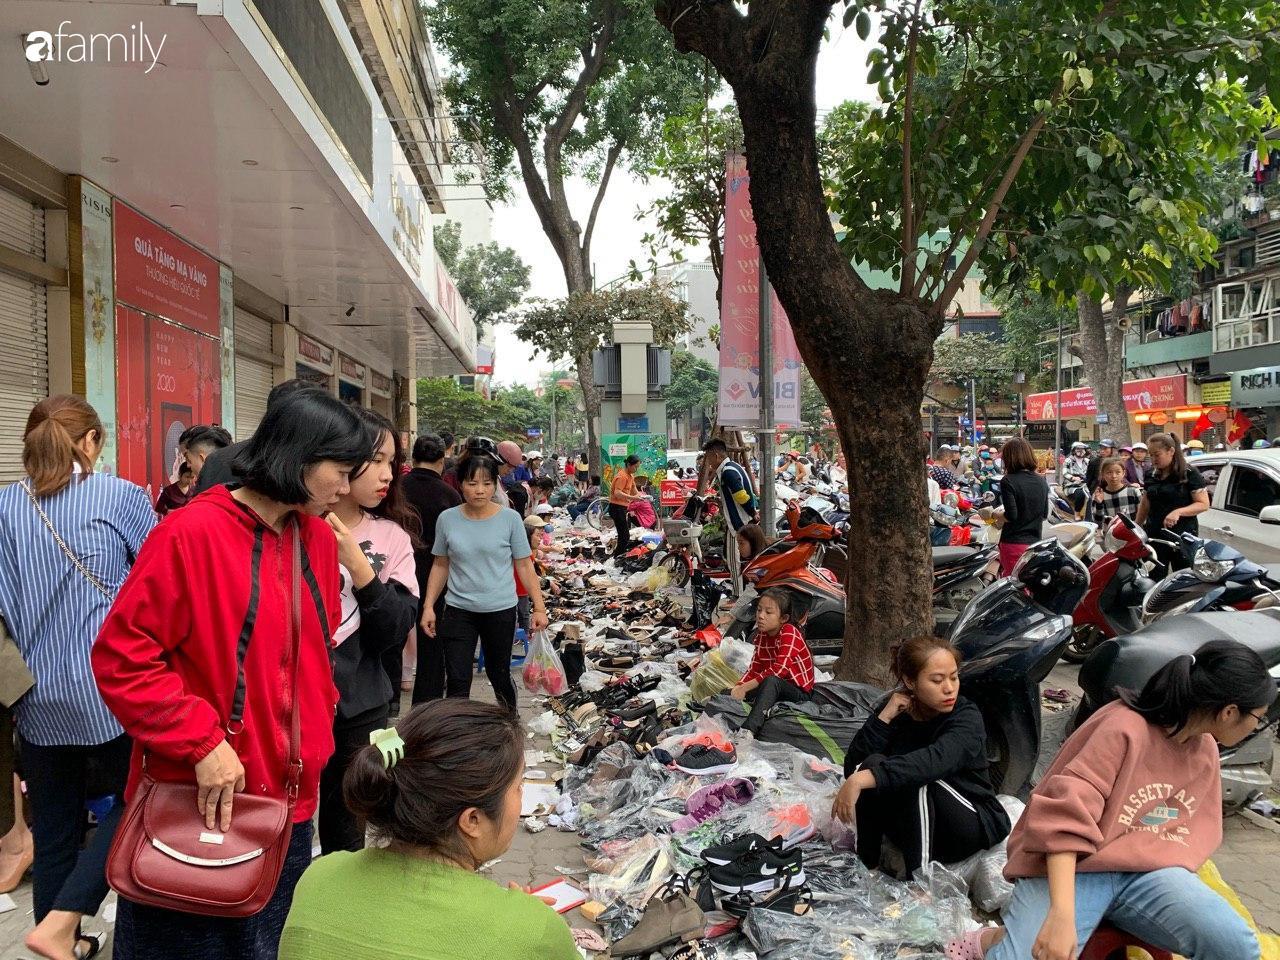 Người Hà Nội chen chân ngày 30 Tết tại cổng chợ Hôm bởi hàng loạt sản phẩm giày dép đại hạ giá - Ảnh 6.